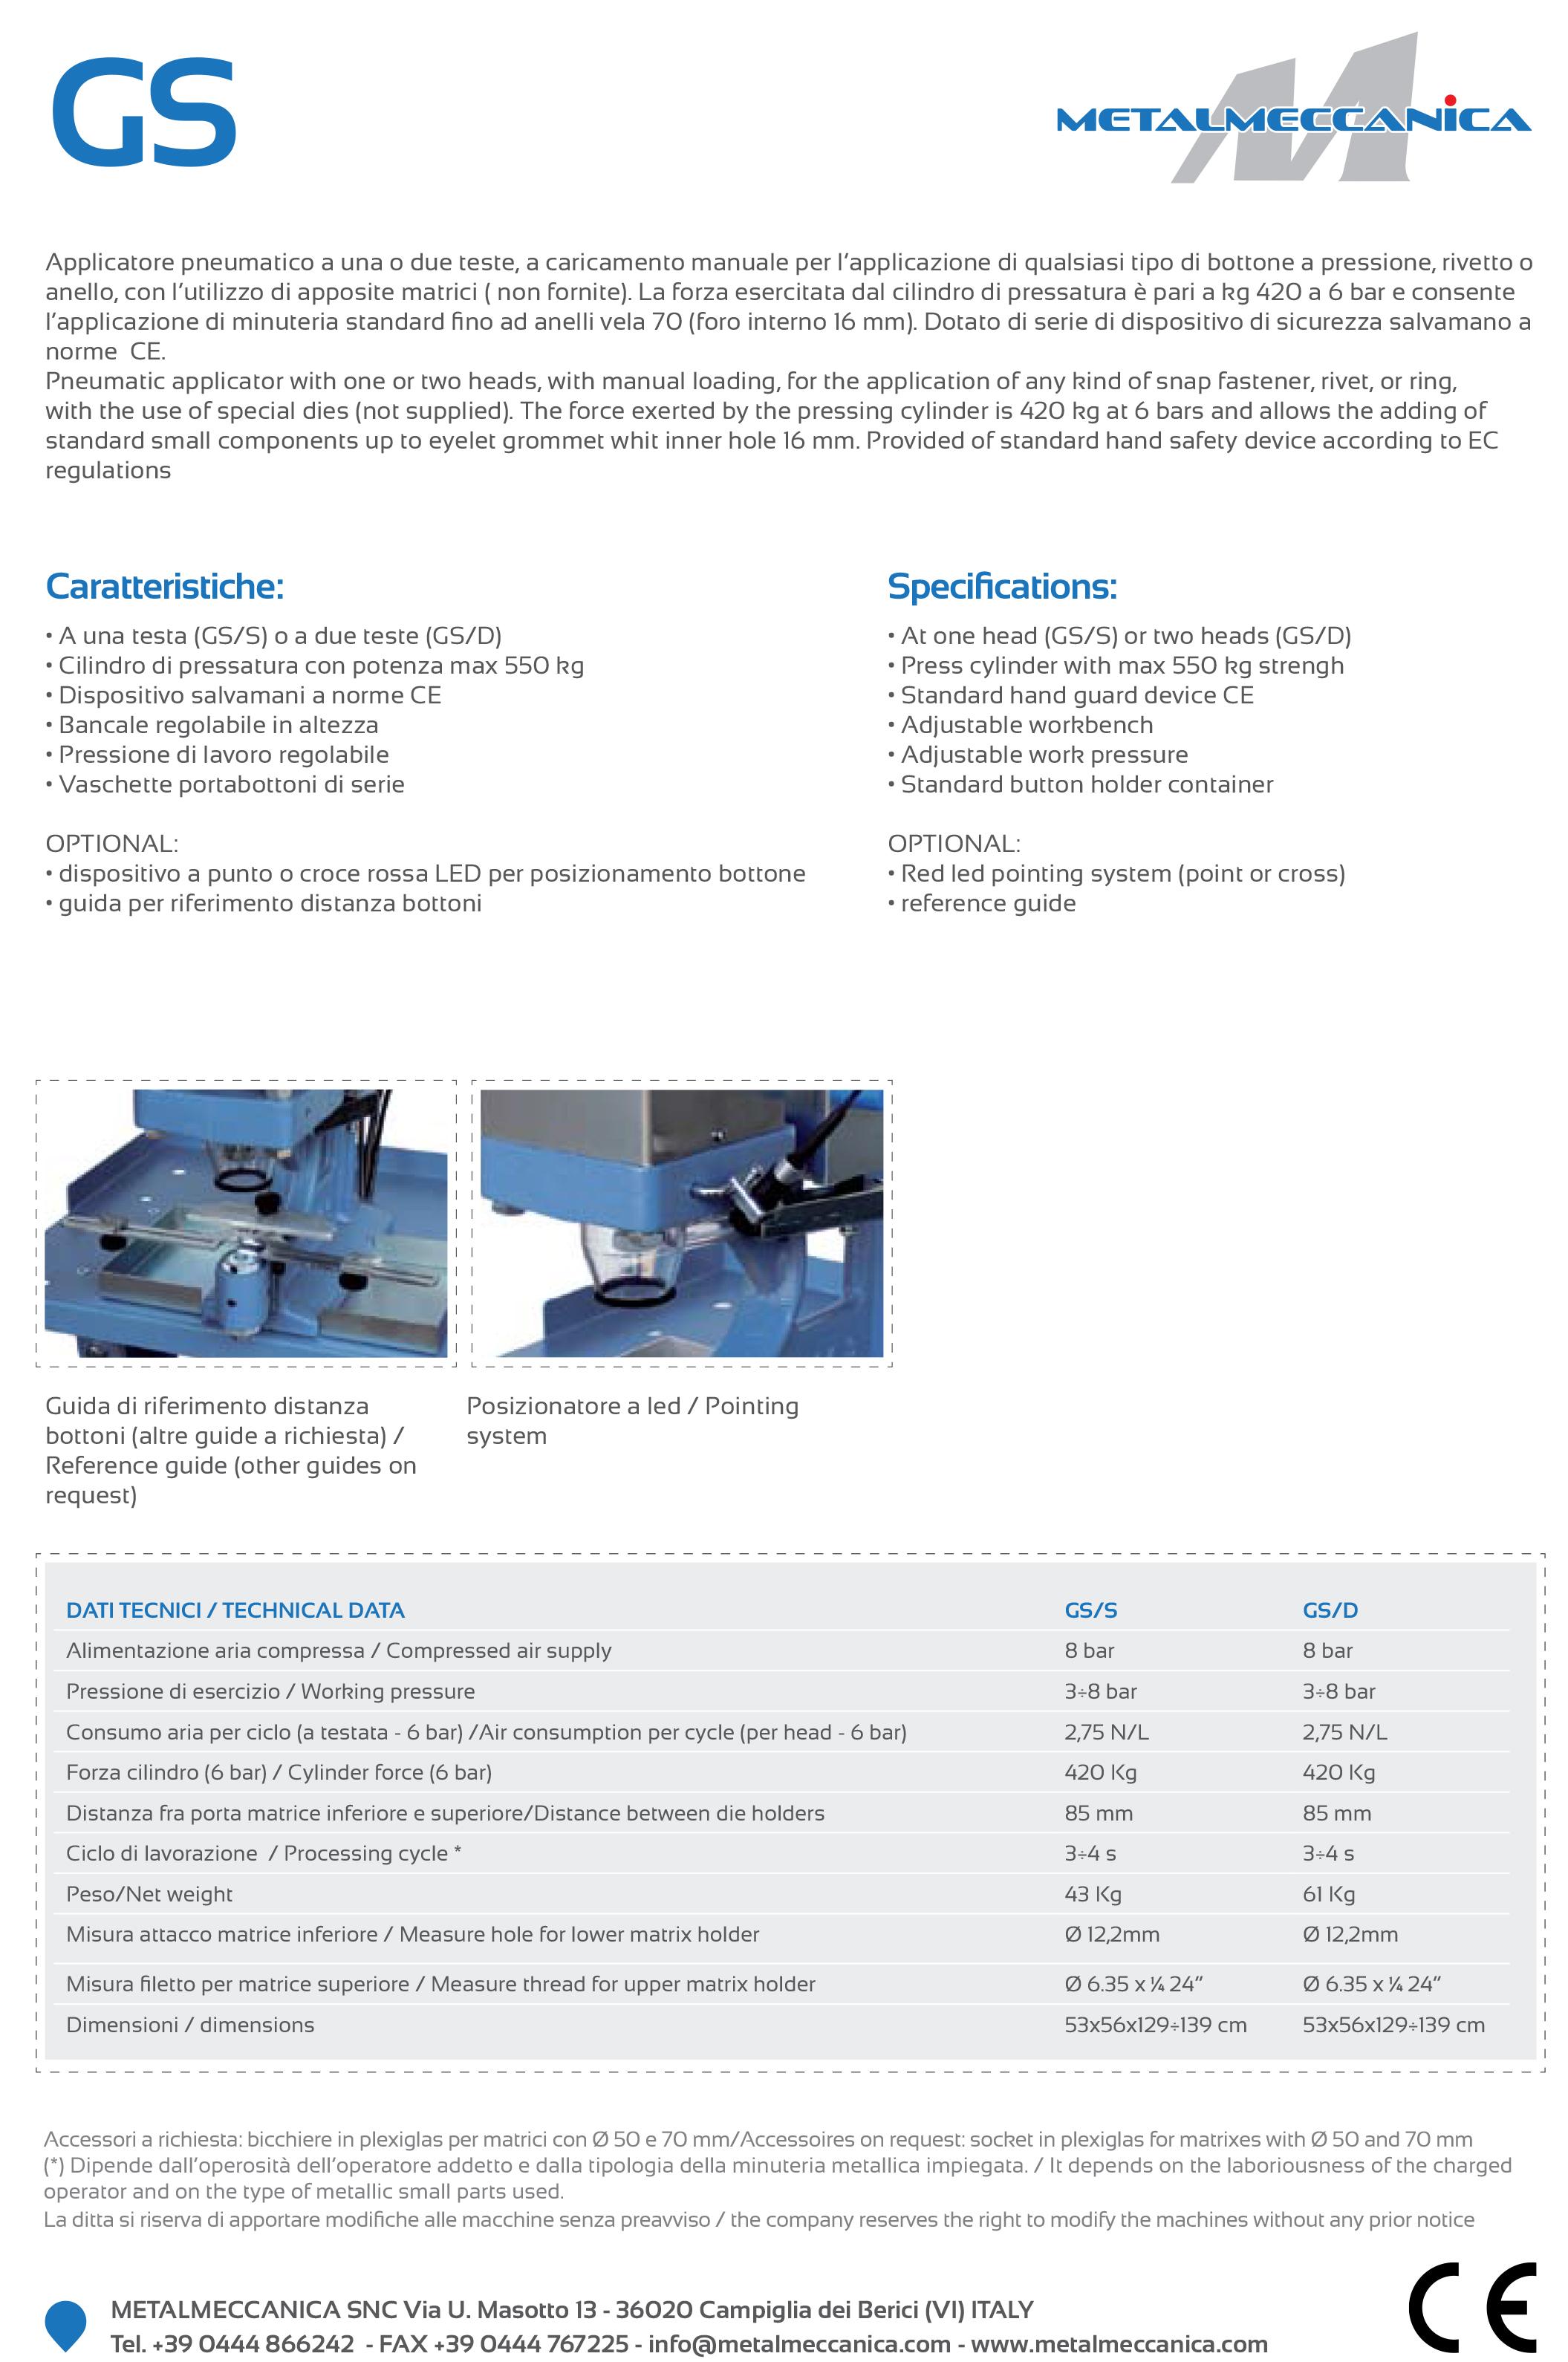 gs capsator metalmeccanica pneumatic